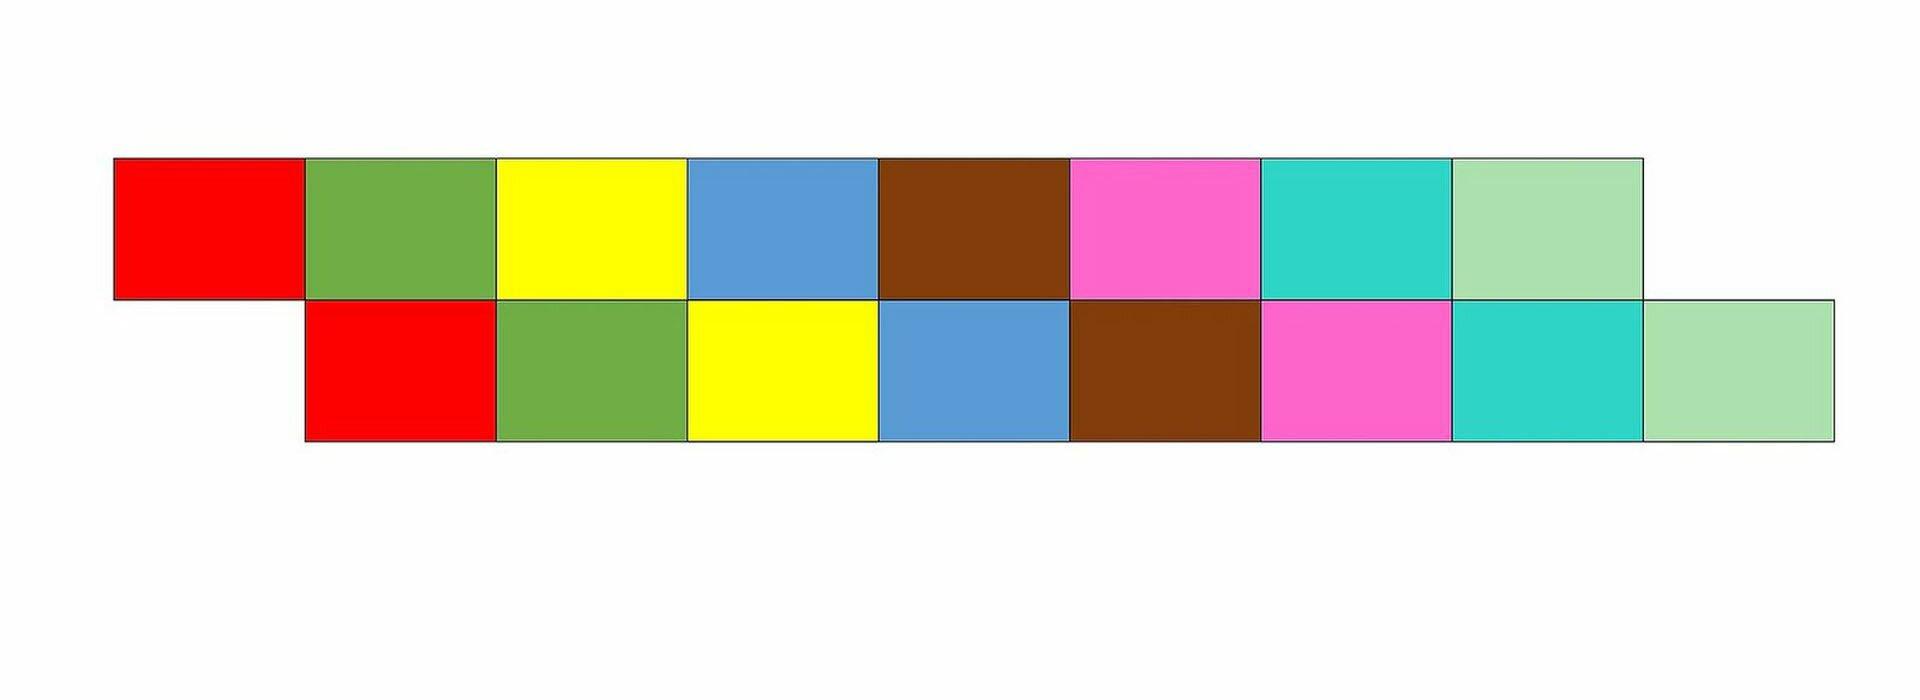 Ilustracja przedstawia schemat kanonu dwugłosowego, wktórym drugi głos powtarza po jednym takcie. Melodię przedstawiono jako szereg kolorowych prostokątów. Występują one wustalonym porządku: czerwony, zielony, żółty, niebieski, brązowy, purpurowy, morski, seledynowy. Wzapisie są dwa rzędy. Wobu rzędach kolory występują wtej samej kolejności, tylko wdrugim rzędzie są przesunięte ojeden. Na przykład pod zielonym znajduje się czerwony, pod żółtym zielony itd.